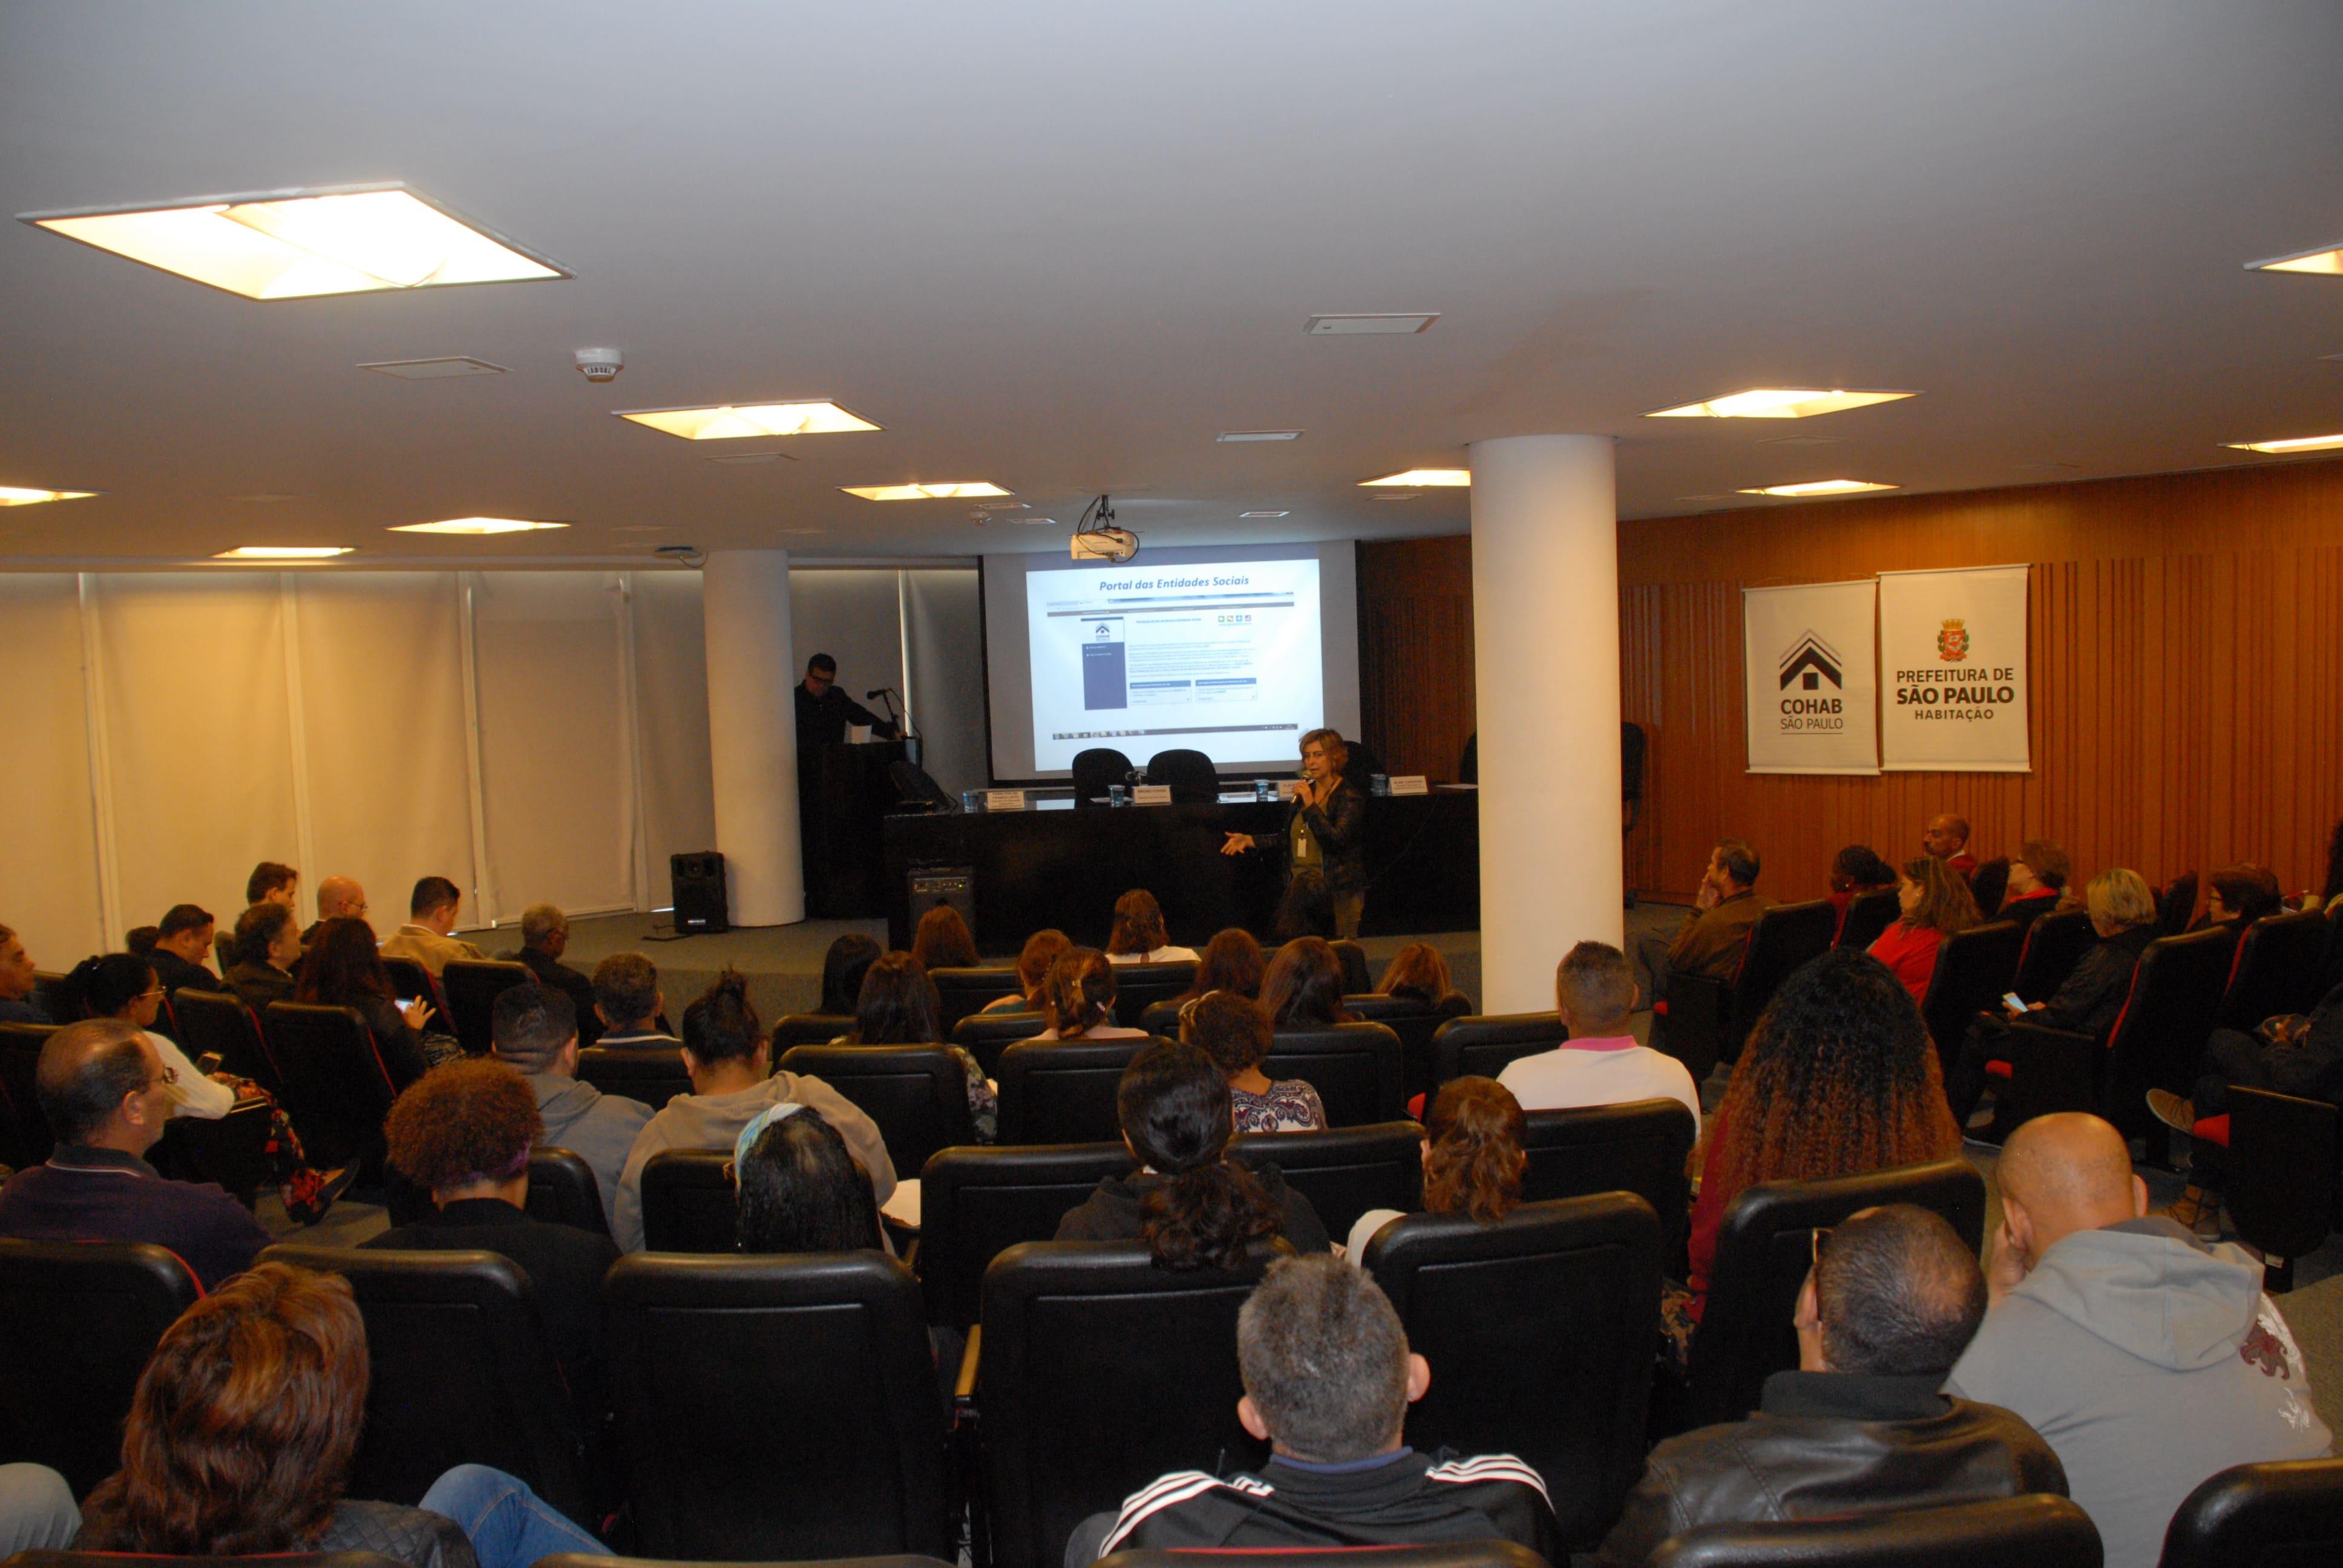 Diretora Administrativa da Coha, Renata Soares no fundo realizando sua palestra para o público sentado no primeiro plano